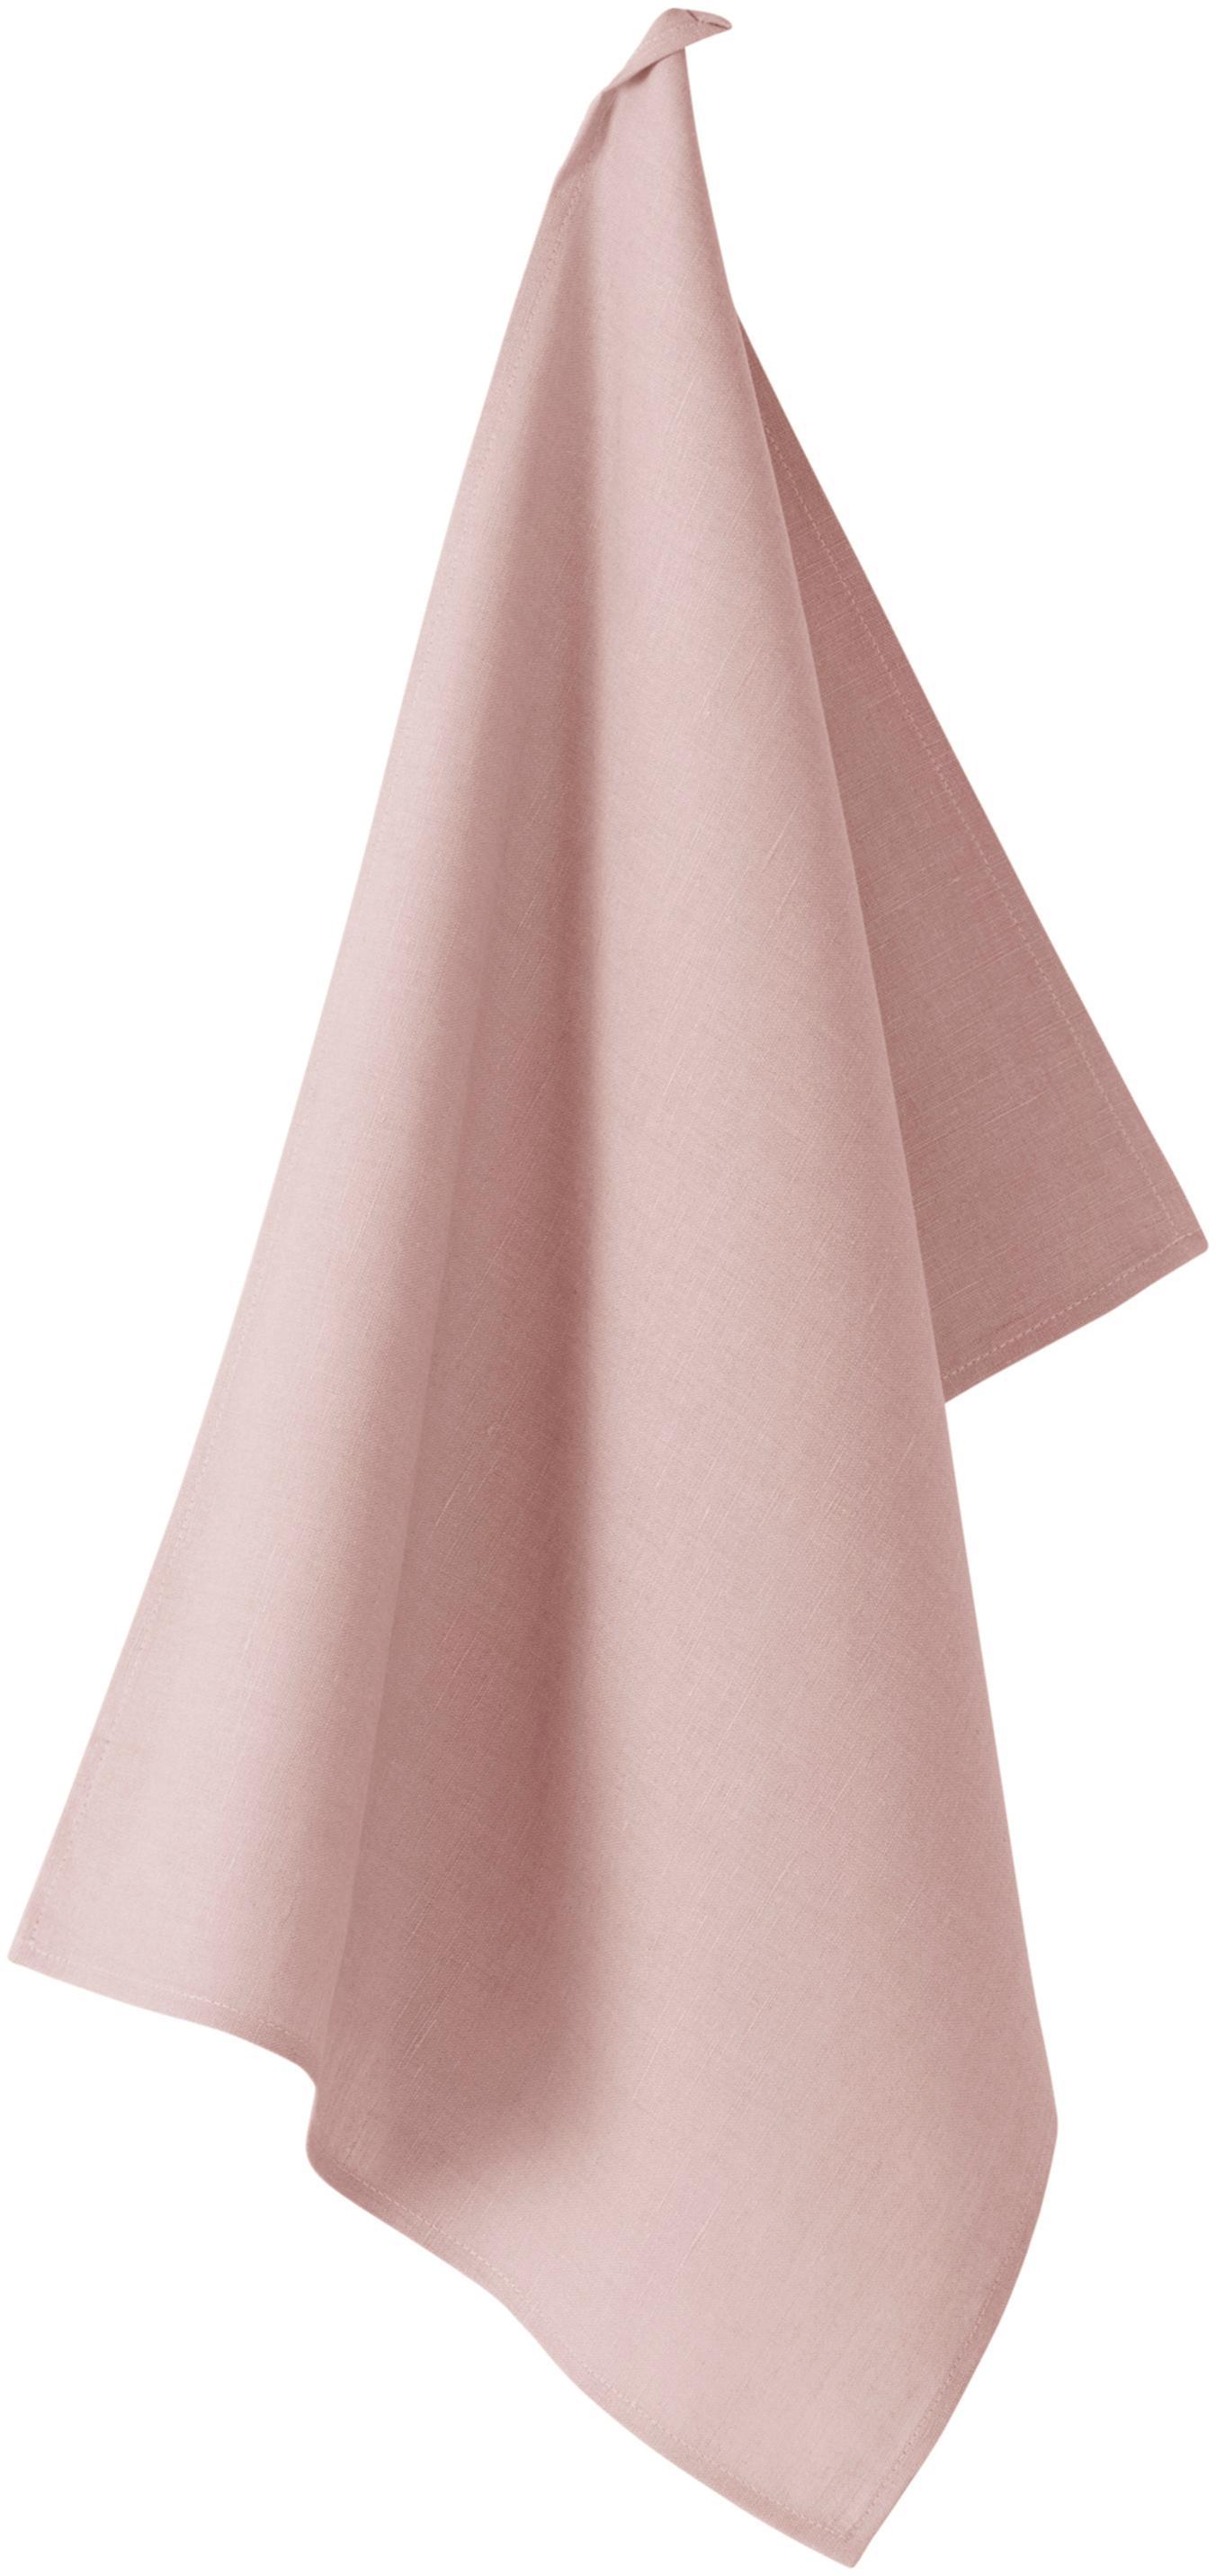 Leinen-Geschirrtuch Hermia, 57% Leinen, 43% Baumwolle, Rosa, 50 x 70 cm